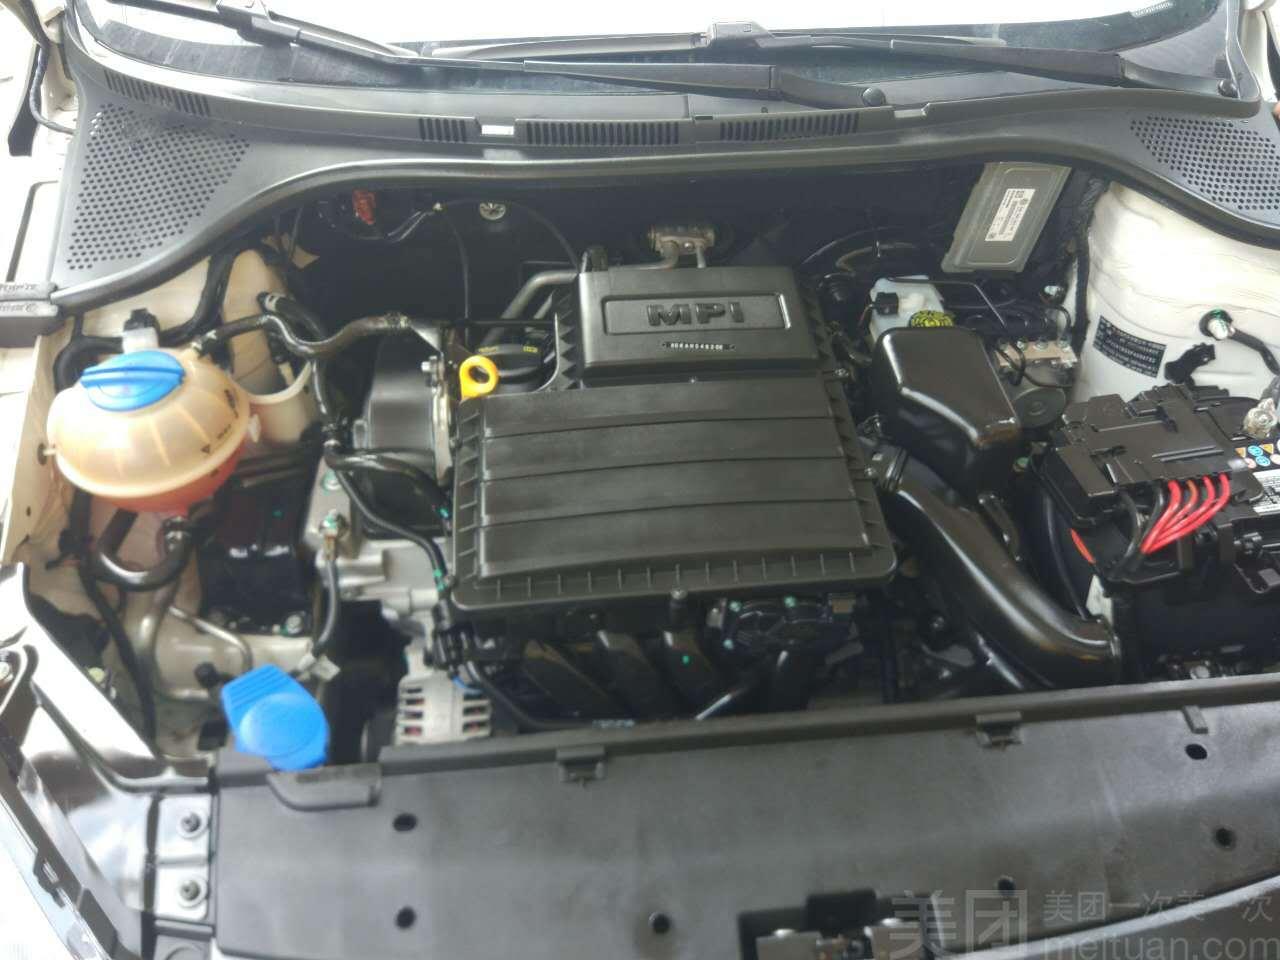 【车安捷汽车俱乐部】发动机舱清洗 机舱护理